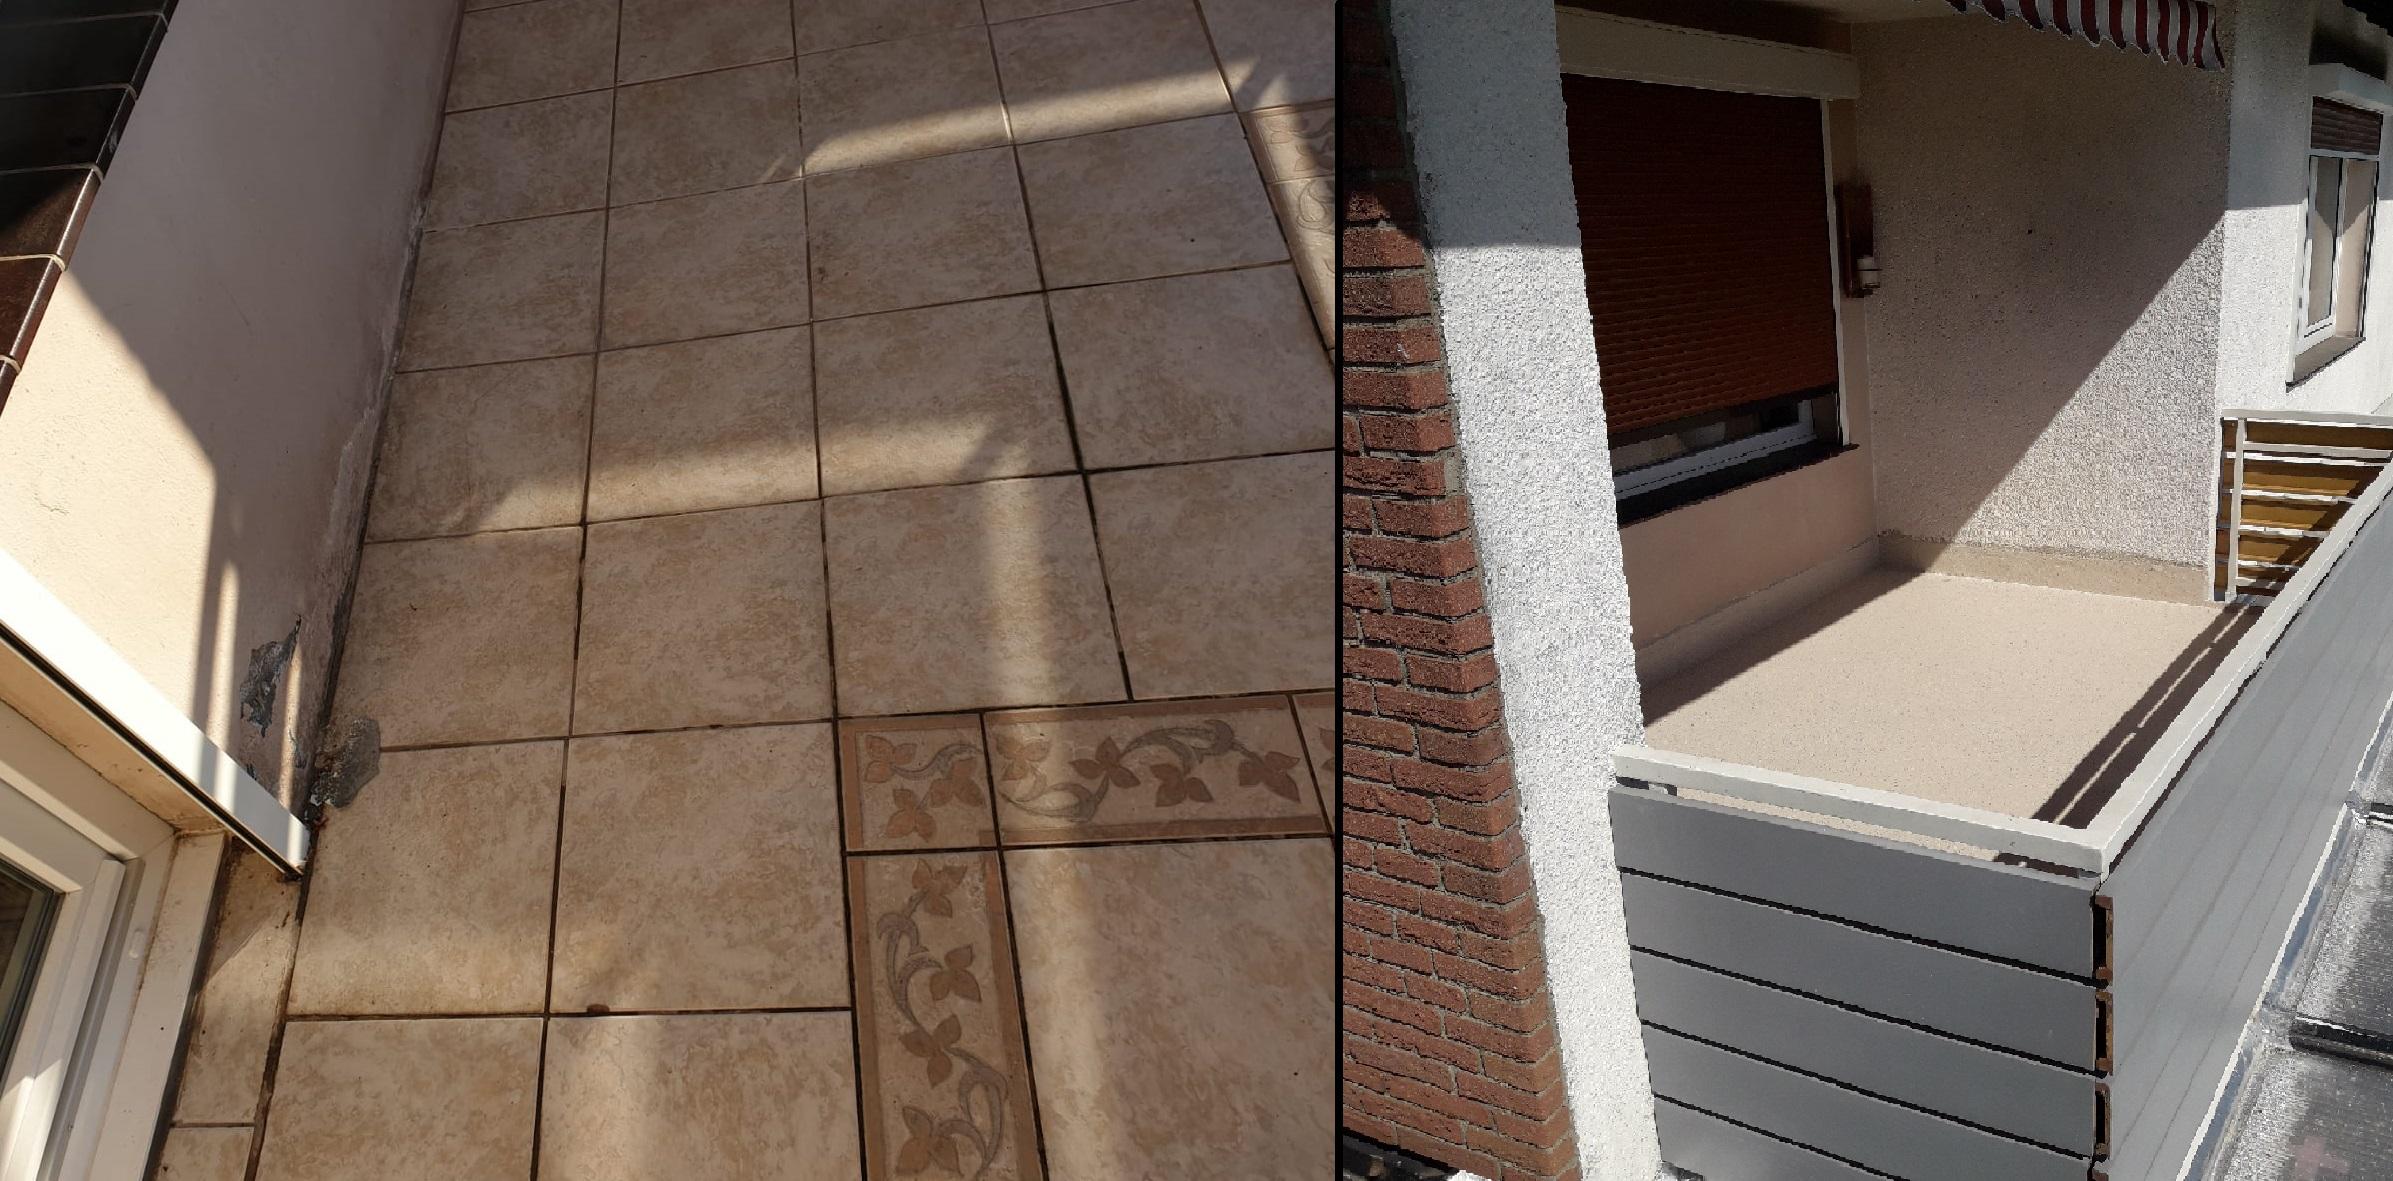 Balkonsanierung in Duisburg – Moderne Kunststoffoberfläche ersetzt die alten Fliesen